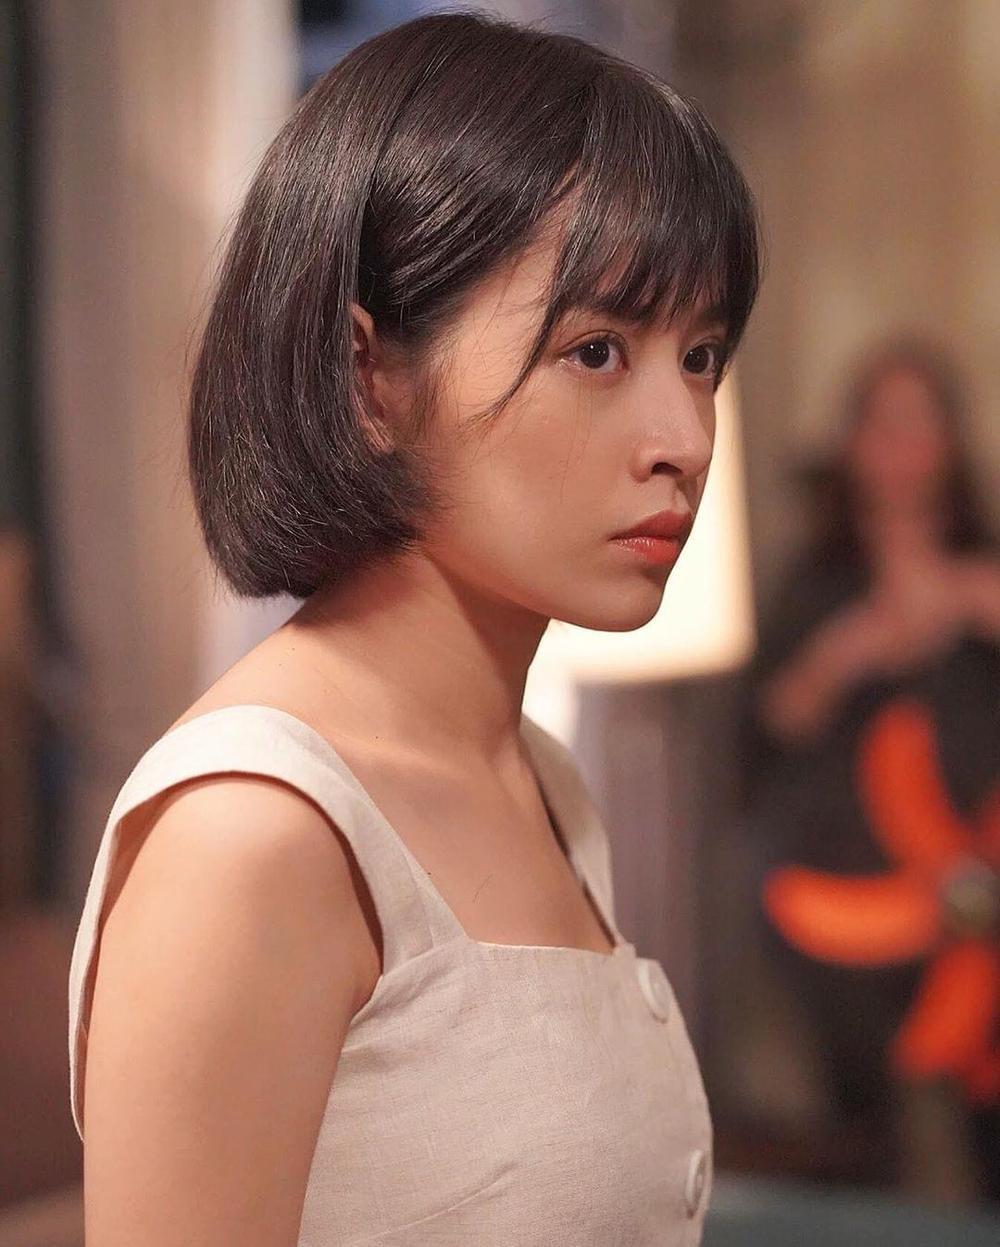 Đề cử 'Ngôi sao xanh 2020': Ninh Dương Lan Ngọc cạnh tranh Chi Pu, Thanh Hằng giải Nữ diễn viên xuất sắc Ảnh 10